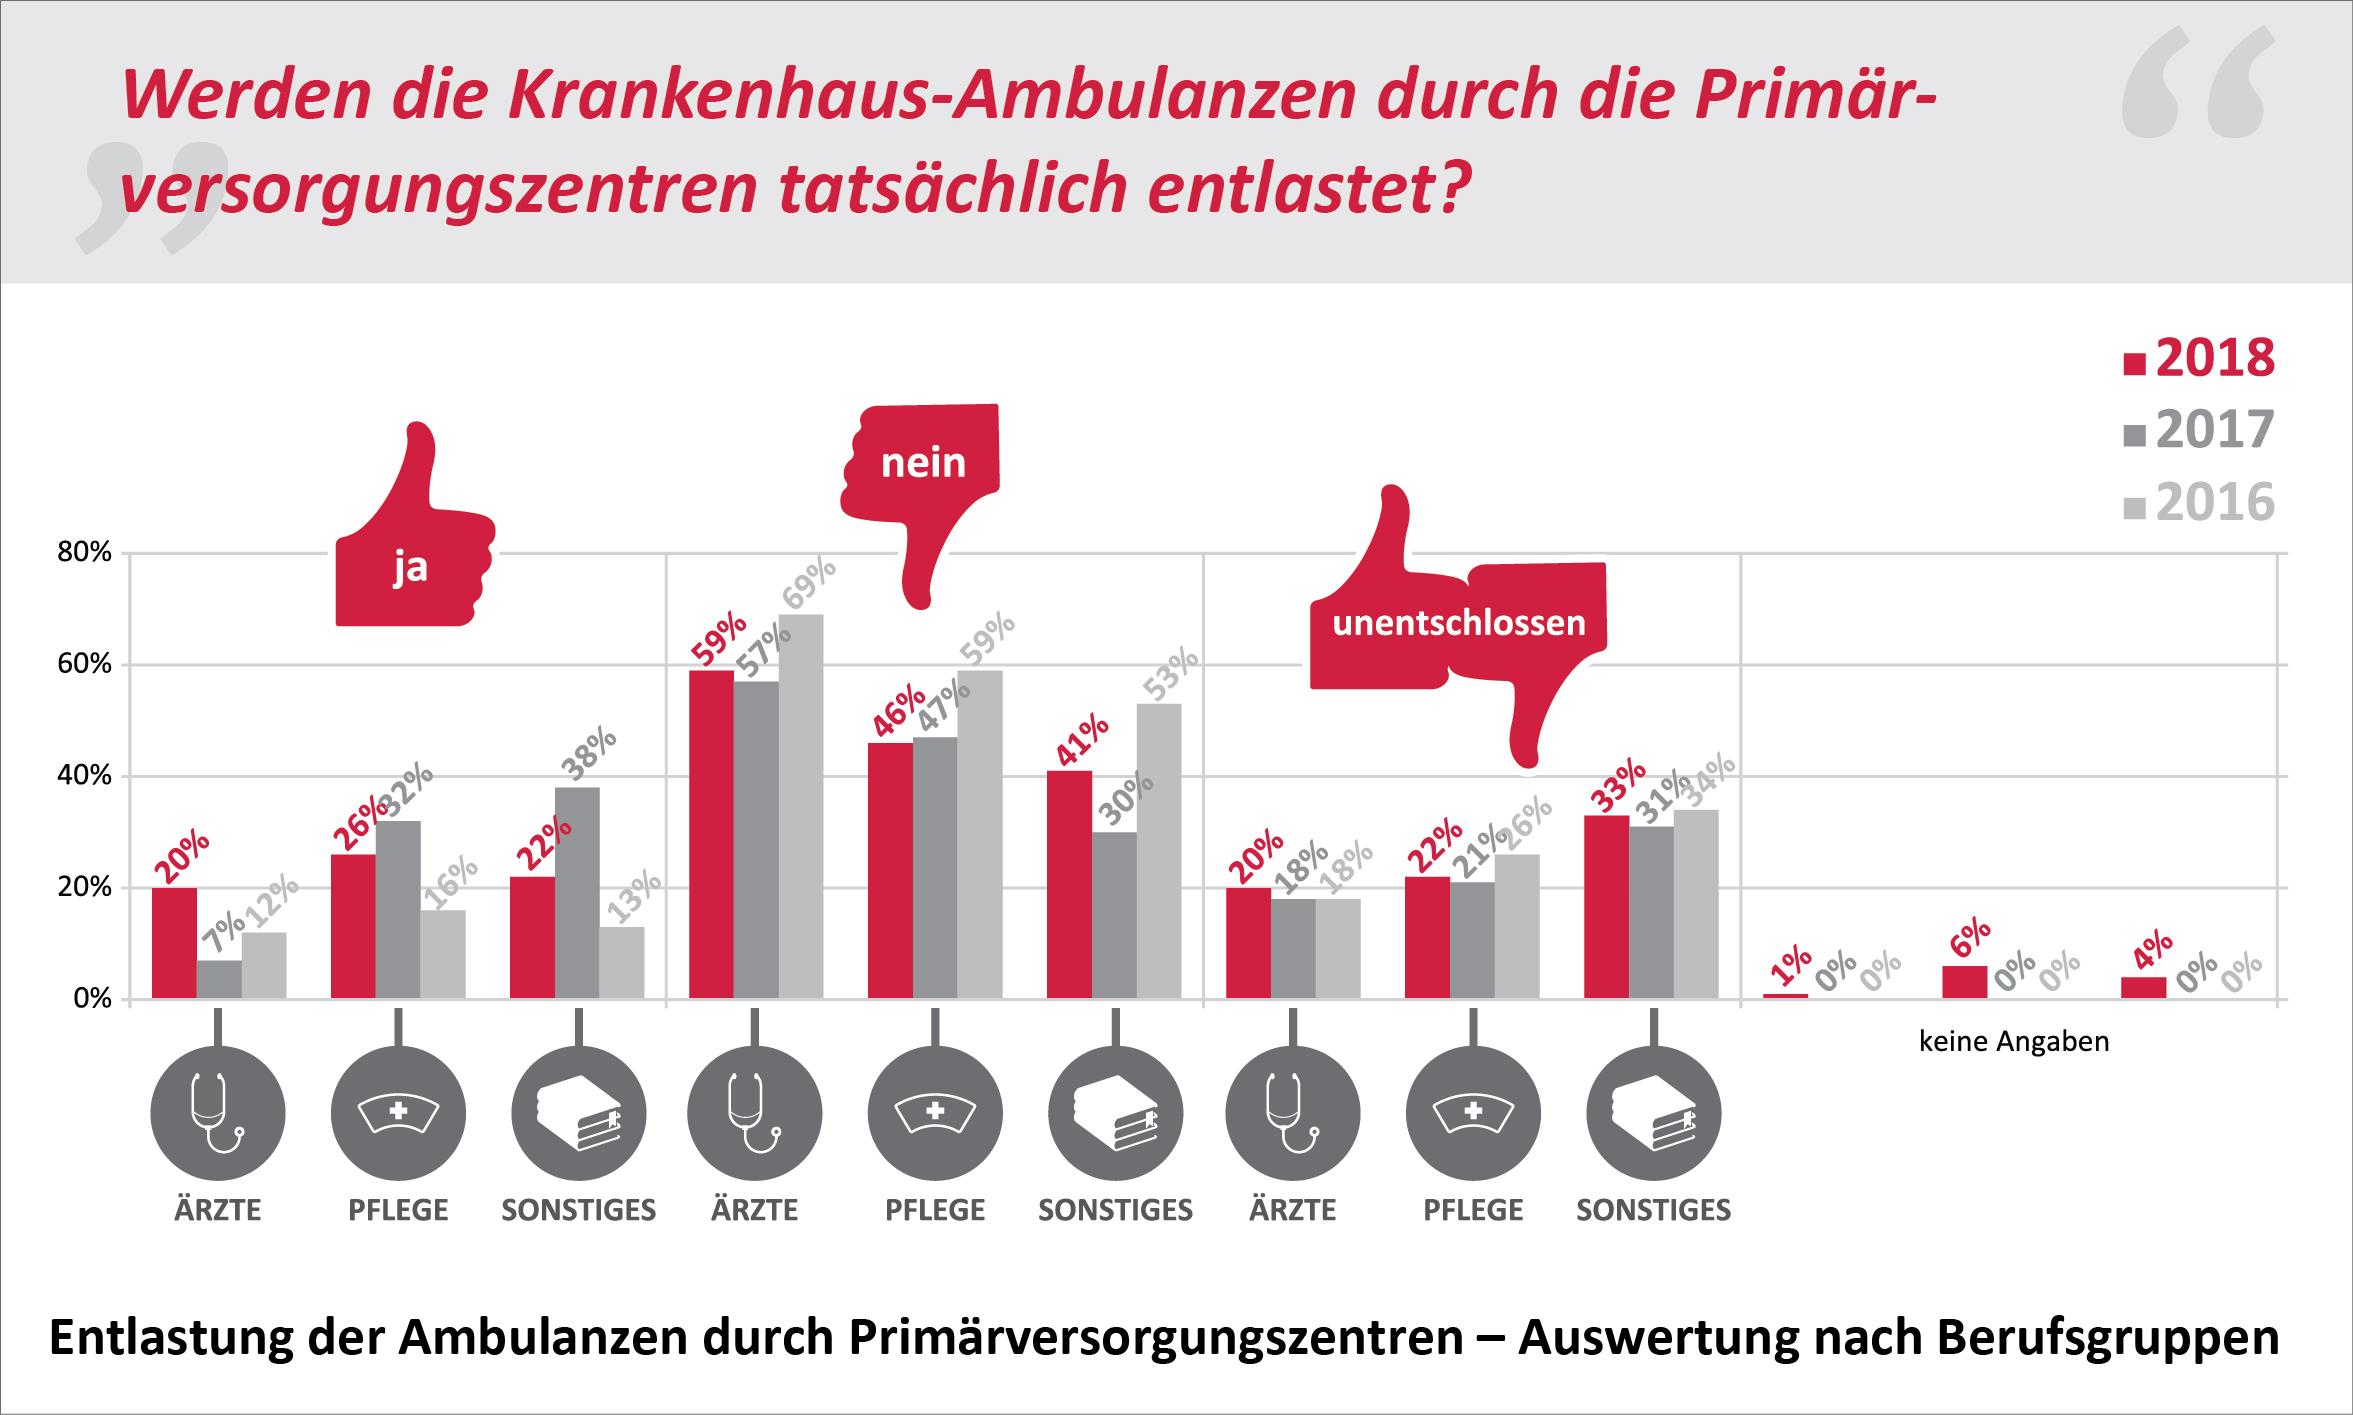 Entlastung der Ambulanzen durch PrimŠrversorgungszentren Ð Auswertung nach Berufsgruppen